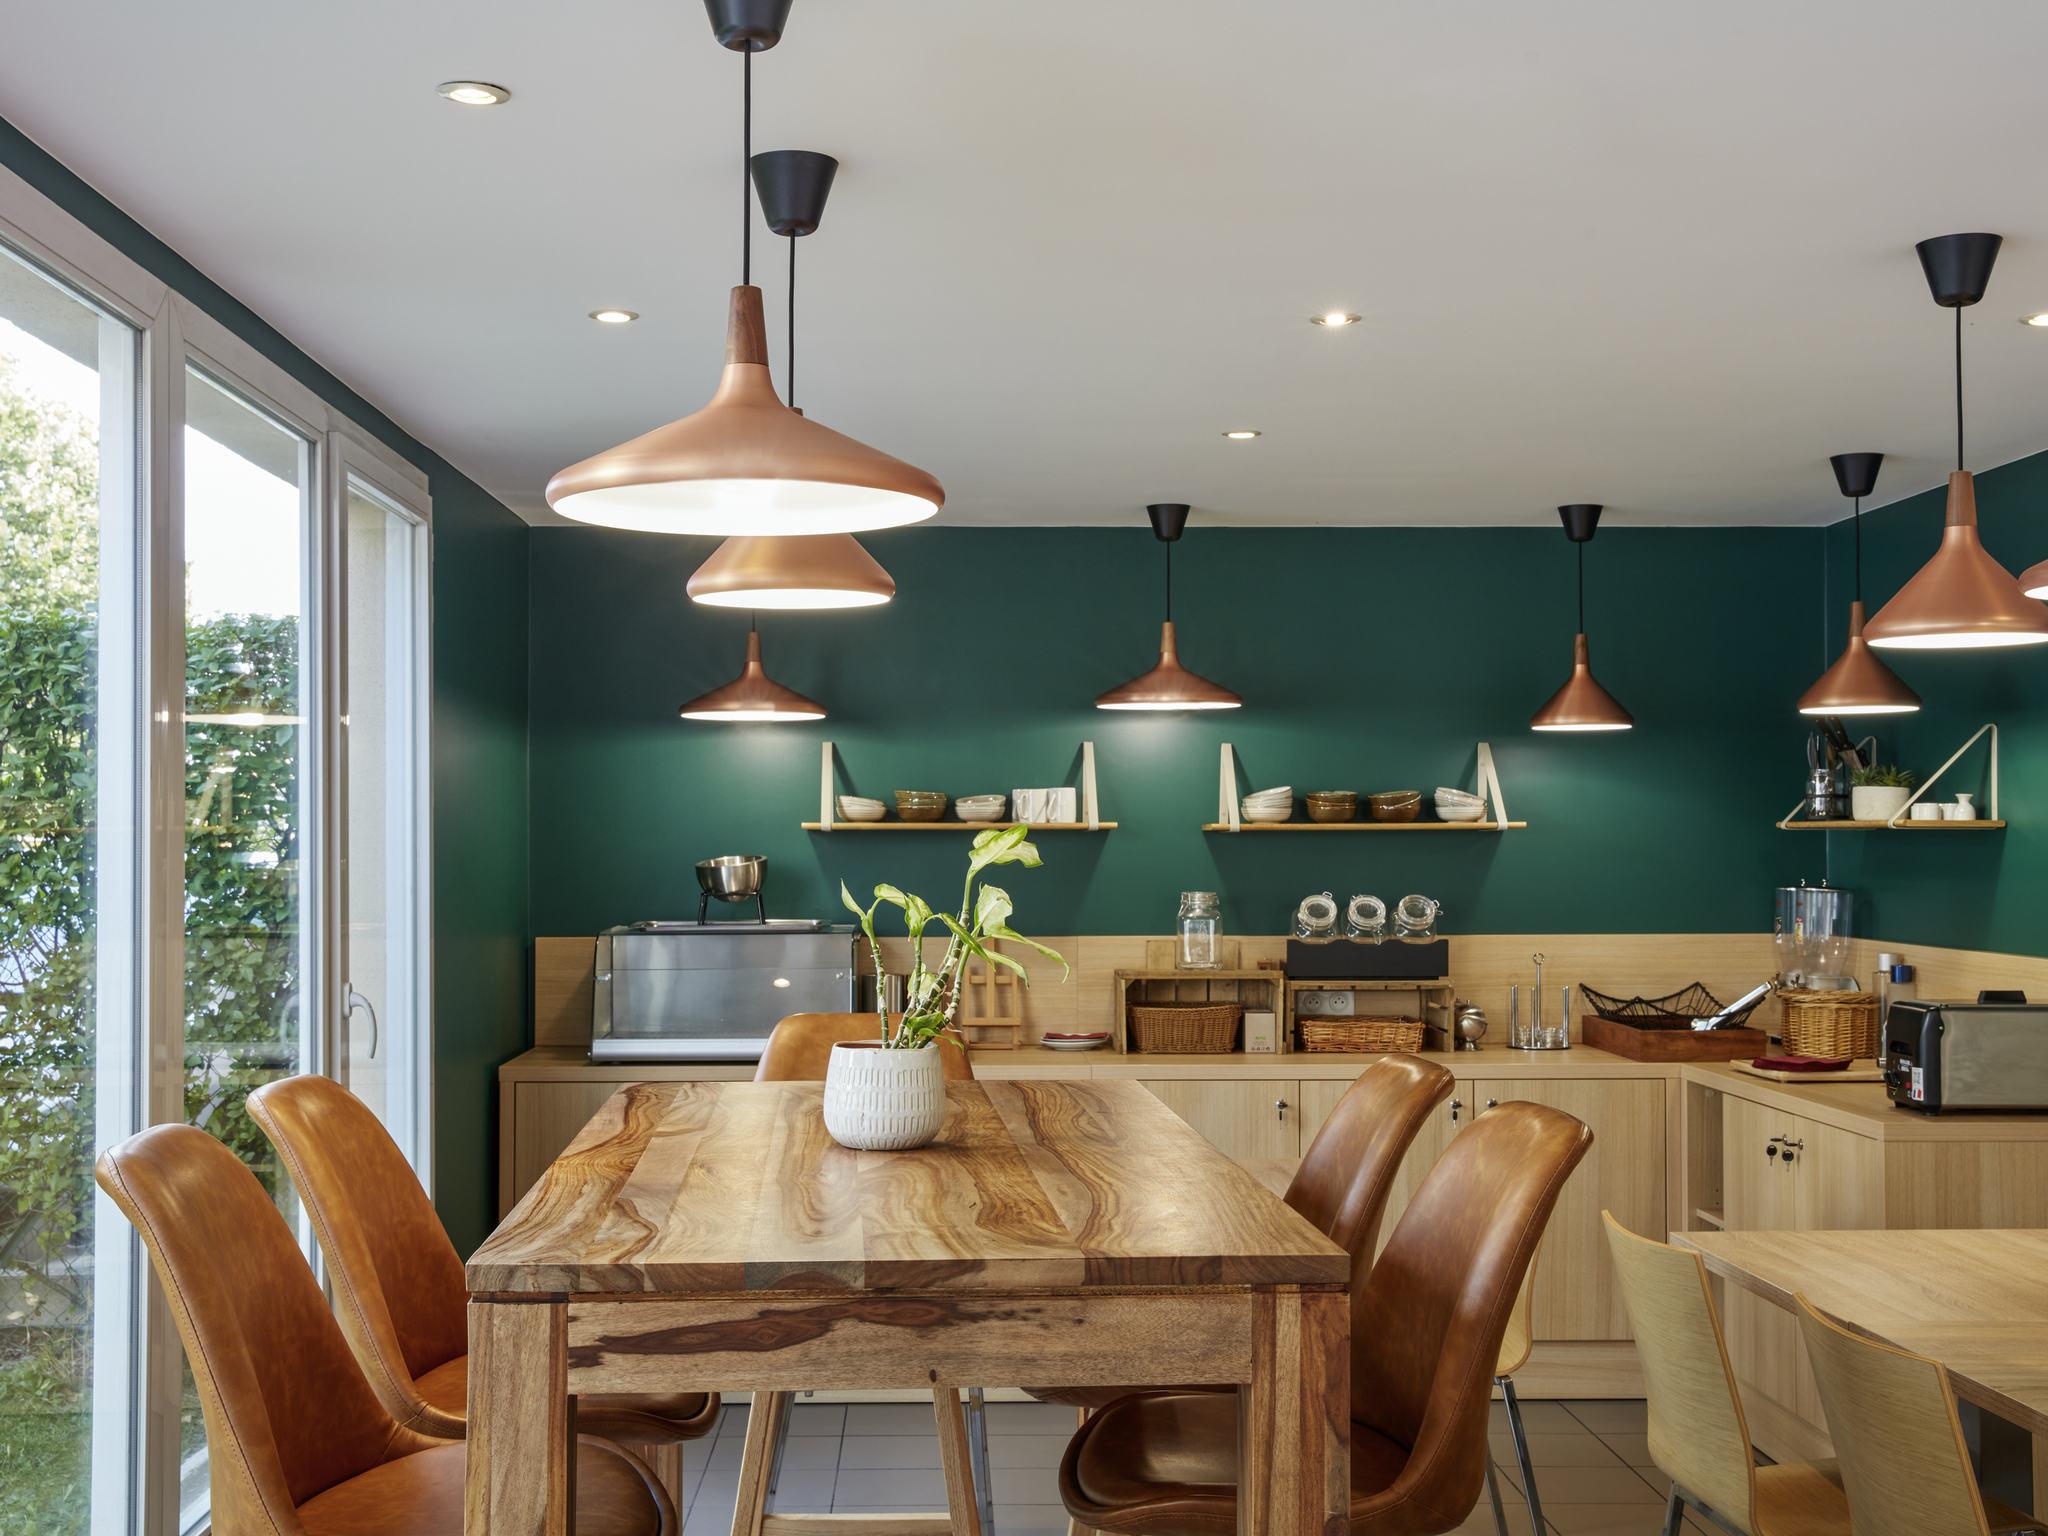 โรงแรม – Aparthotel Adagio access Carrières-sous-Poissy